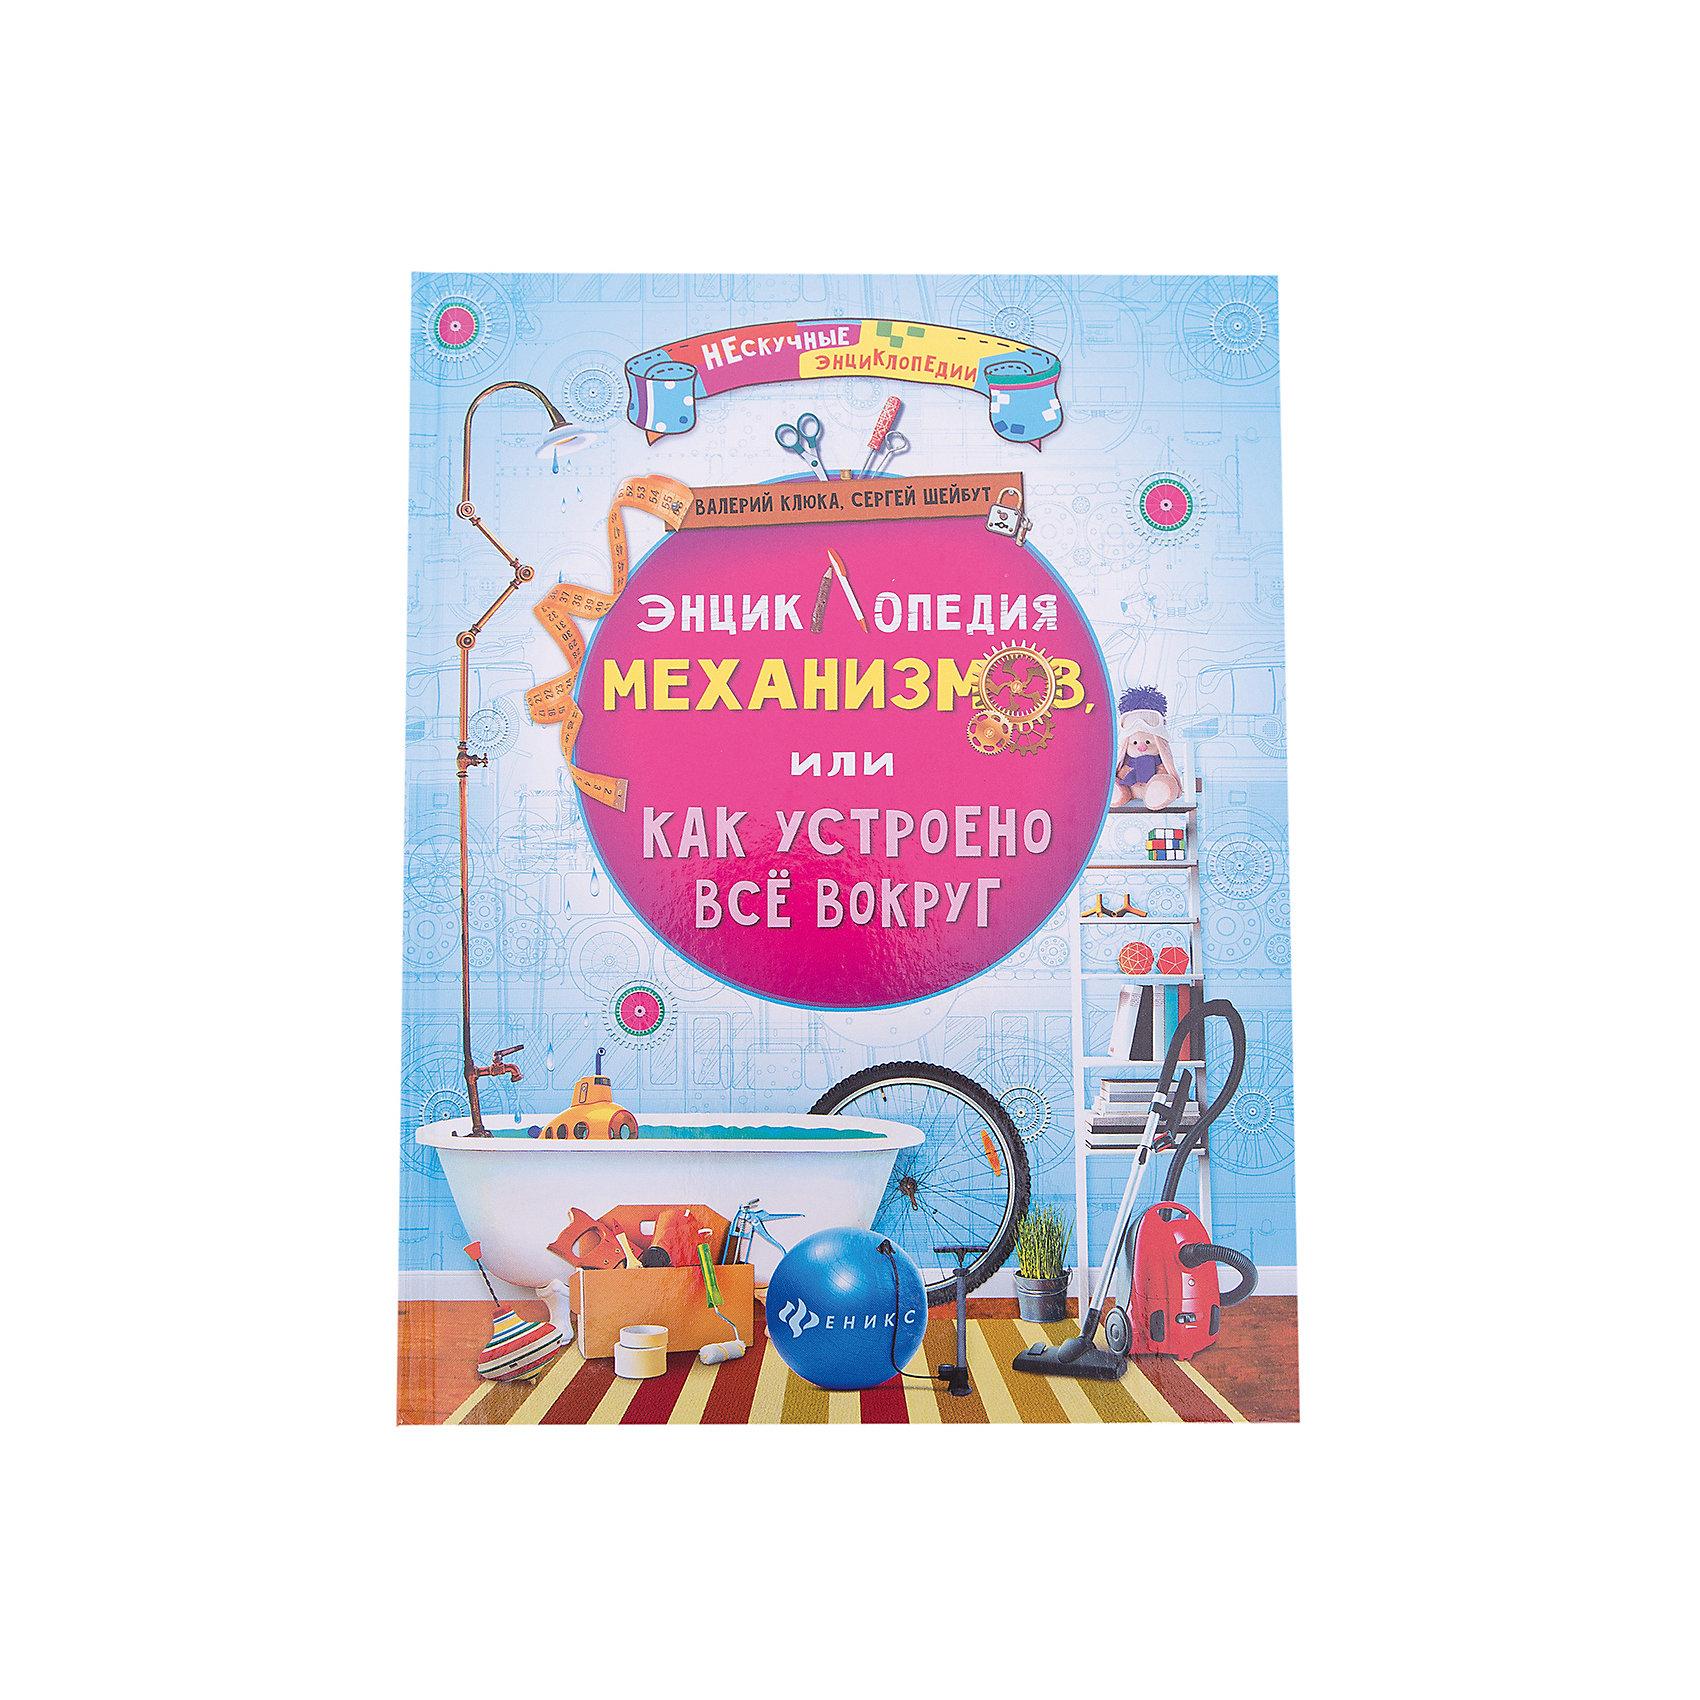 Энциклопедия механизмов, или Как устроено всеЭнциклопедии техники<br>Энциклопедия механизмов, или Как устроено все – эта красочная книга познакомит ребенка с различными устройствами и механизмами.<br>Дети задают множество вопросов об окружающем мире, да ещё и такие, на которые не каждый родитель сможет найти ответ. Почемучек часто интересуют разные механизмы. Как работает застёжка-молния? Что внутри замка и почему только один ключ может его открыть? Почему вода течёт из крана? Как устроен ручной тормоз моего велосипеда? Ответы на эти и другие вопросы можно будет найти в этой энциклопедии.<br><br>Дополнительная информация:<br><br>- Содержание: Введение; Всегда под рукой Шариковая ручка, Ножницы и канцелярский нож, Карандаш и точилка, Скрепка и степлер, Застёжка, Батарейка, Лампа, Интересные факты; В папином шкафу Винты и отвёртки, Рулетка, Плоскогубцы и пассатижи, Ножовка, Насос, Домкрат, Дрель и сверло, Интересные факты; В ванной и на кухне Водопроводный кран и смеситель, Фен, Холодильник и кондиционер, Термос, Кухонная плита, Стиральная машина, Микроволновка, Интересные факты; Для игры и отдыха Волчок и юла, Велосипед, Качели, Лук и стрелы, Перископ, Игрушечный автомобиль, Кубик Рубика, Интересные факты; На страже безопасности и здоровья Дверной замок, Окно и стеклопакет, Пылесос, Пожарная сигнализация, Термометр, Ремень и подушка безопасности, Предохранитель и сетевой фильтр, Интересные факты<br>- Авторы: Клюка Валерий, Шейбут Сергей<br>- Редактор: Чумакова Светлана<br>- Издательство: Феникс-Премьер, 2016 г.<br>- Серия: Нескучные энциклопедии<br>- Тип обложки: 7Бц - твердая, целлофанированная (или лакированная)<br>- Иллюстрации: цветные<br>- Количество страниц: 82 (офсет)<br>- Размер: 266x205x10 мм.<br>- Вес: 424 гр.<br><br>Книгу «Энциклопедия механизмов, или Как устроено все» можно купить в нашем интернет-магазине.<br><br>Ширина мм: 205<br>Глубина мм: 11<br>Высота мм: 266<br>Вес г: 426<br>Возраст от месяцев: 36<br>Возраст до месяцев: 108<br>Пол: Унисекс<br>Возрас